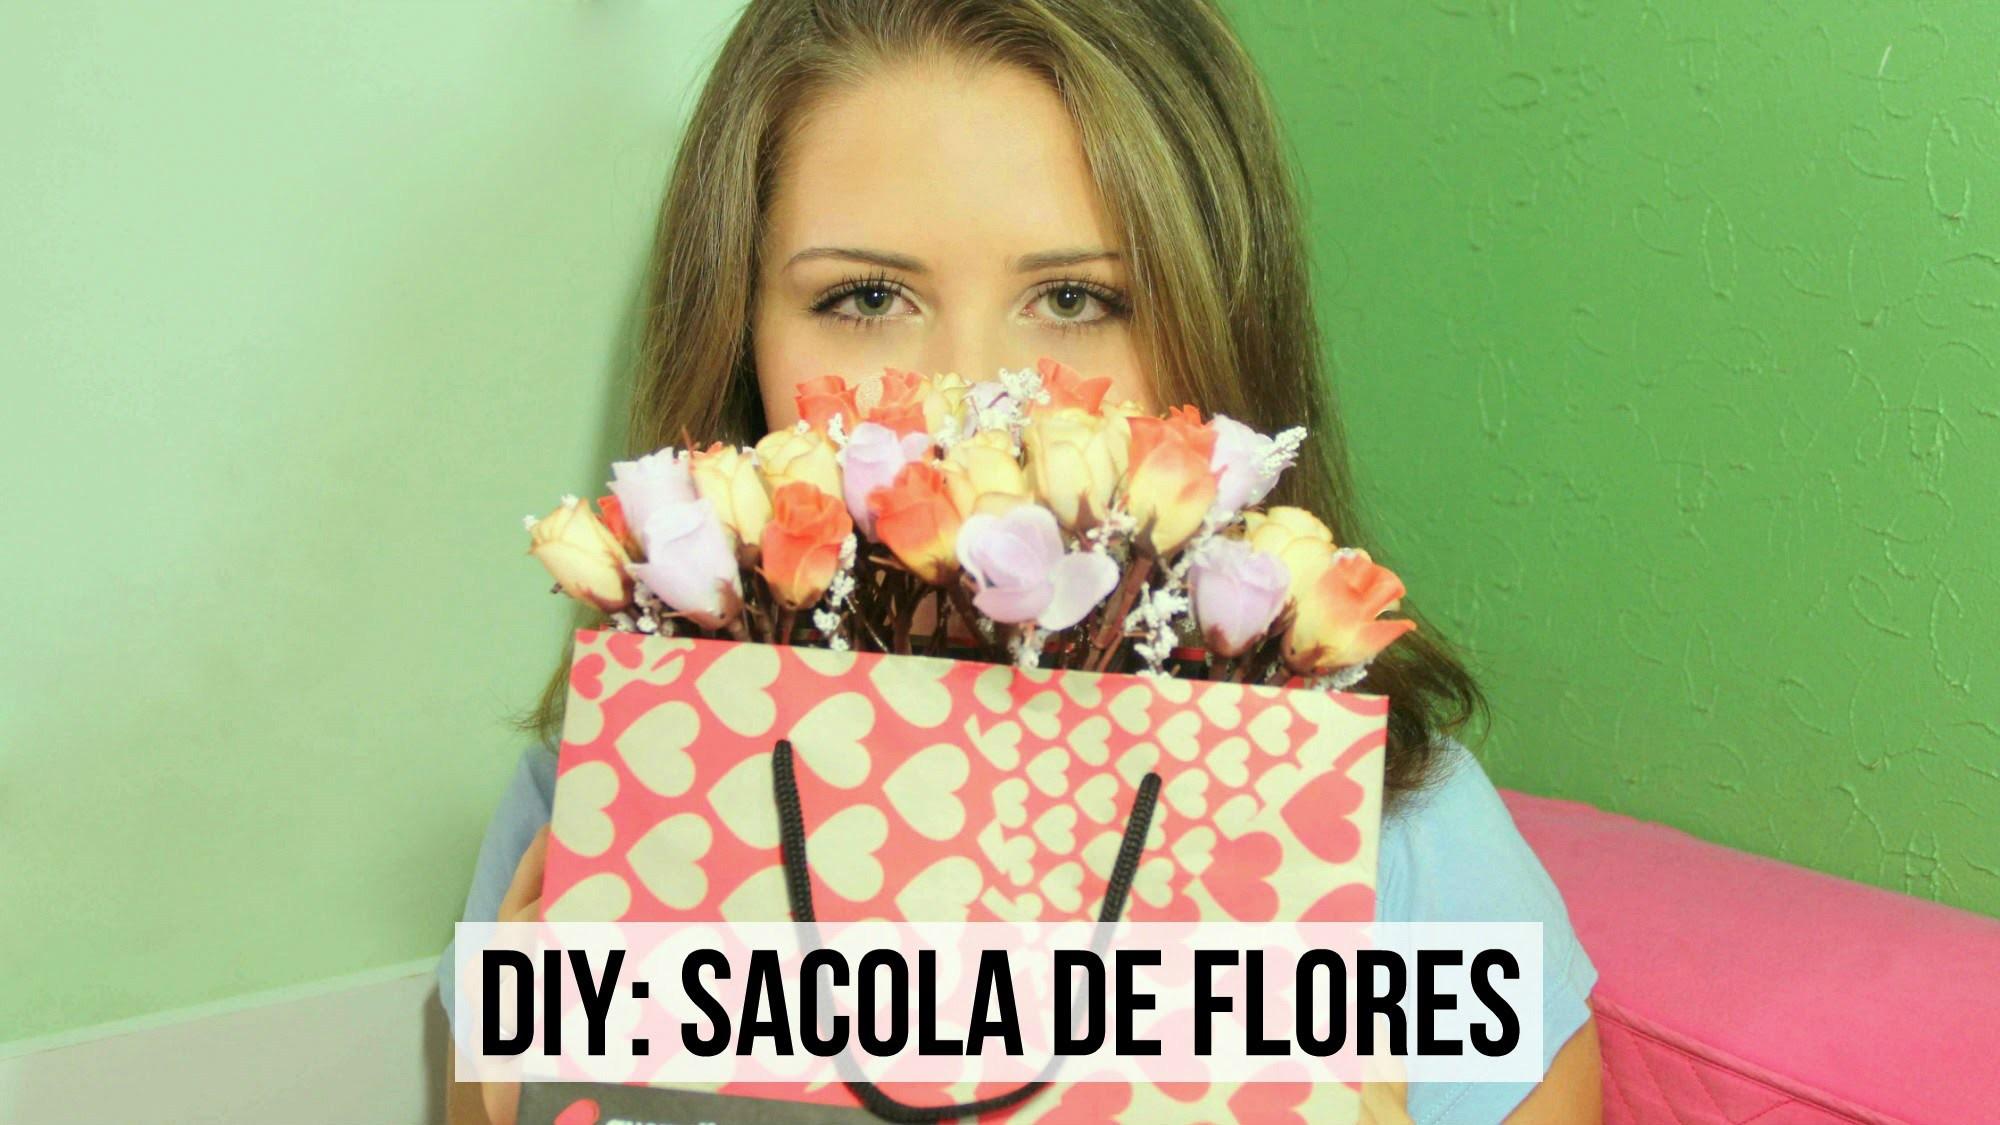 DIY: Sacola de flores, opção de presente para o Dia das Mães | T de Tagarela - Tainá Santos